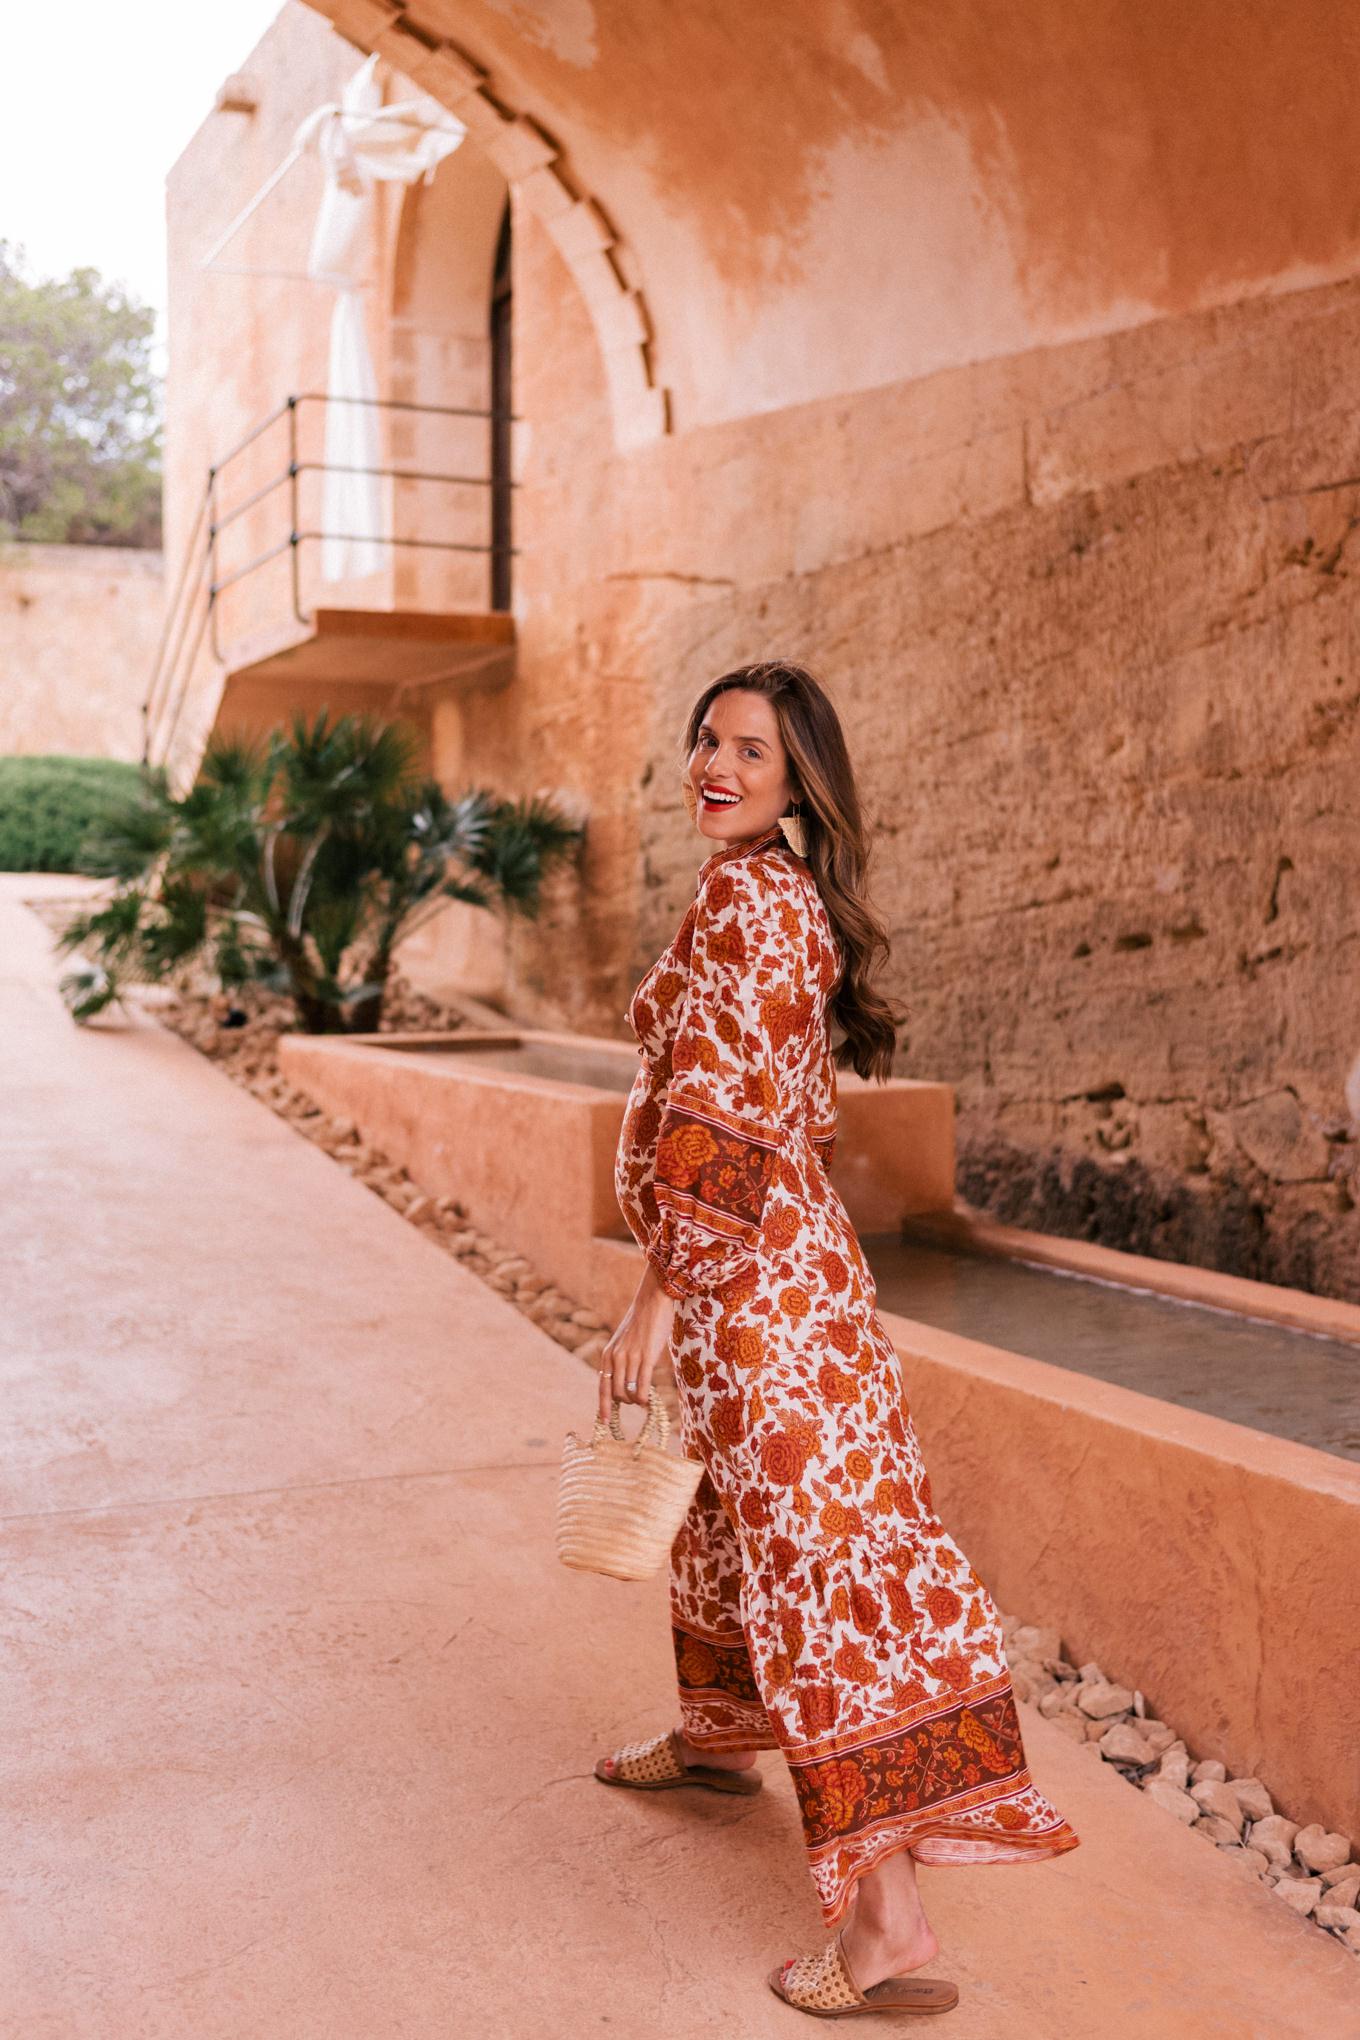 orange white dress mallorca spain